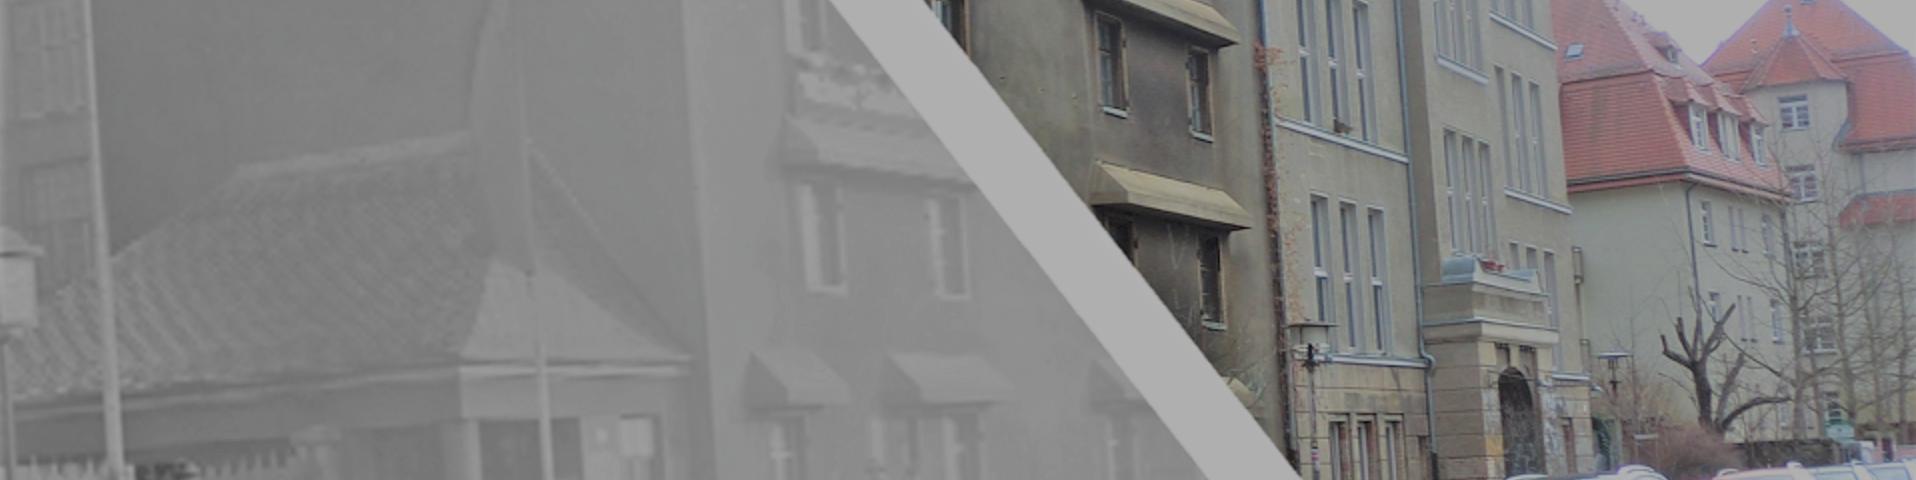 Nachbarschaft in dunkler Zeit | Judenverfolgung und Schoa im Dresdner Norden (1933–1945)